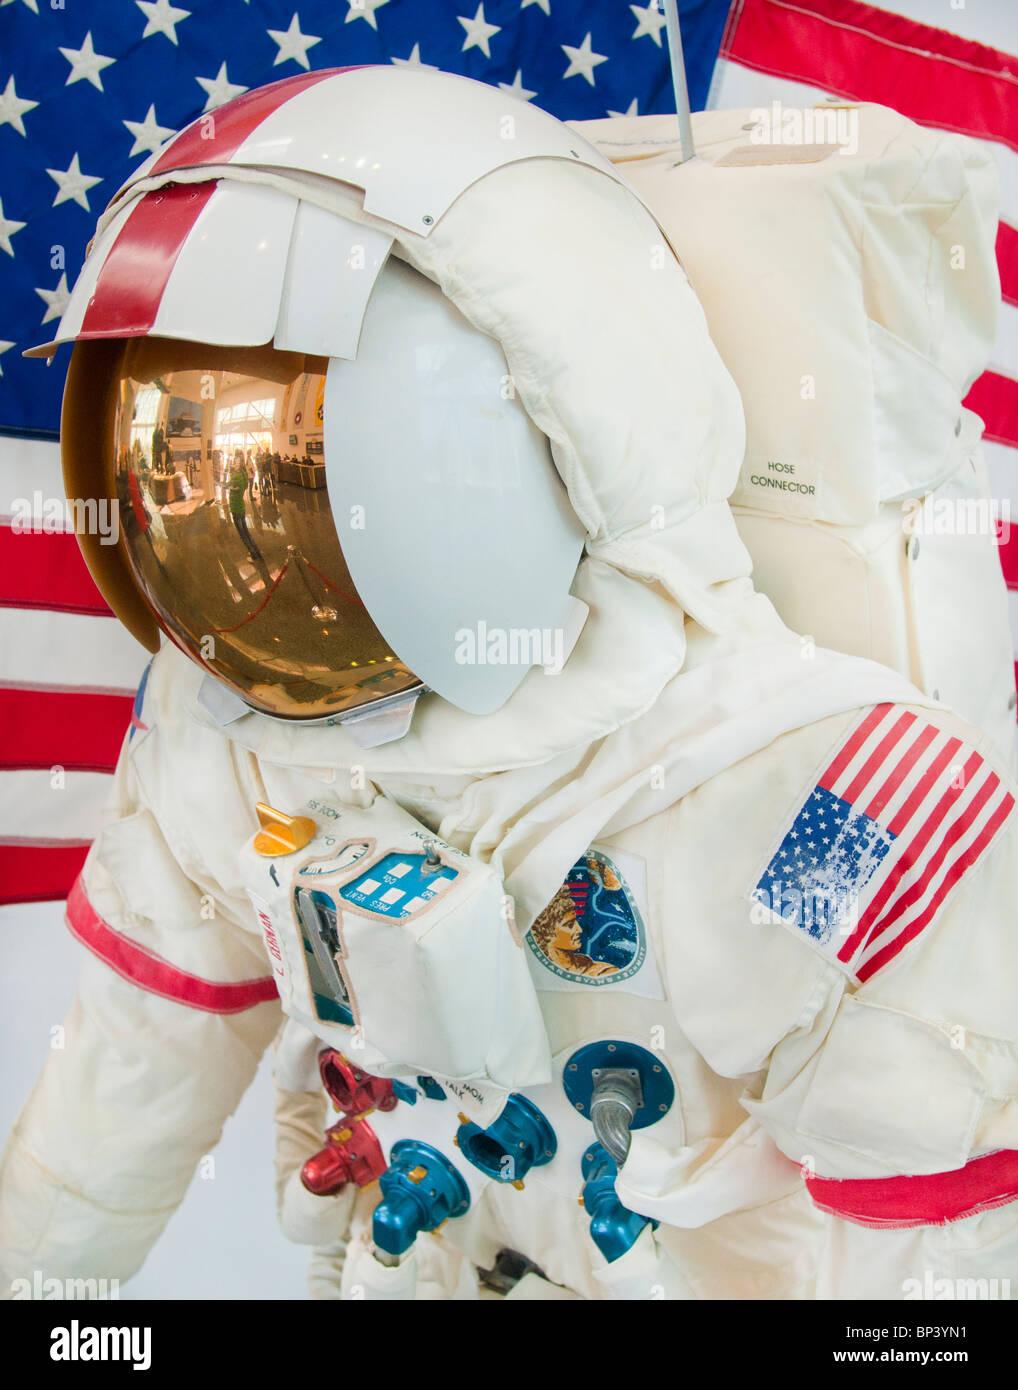 NASA Apollo Space Suit. - Stock Image